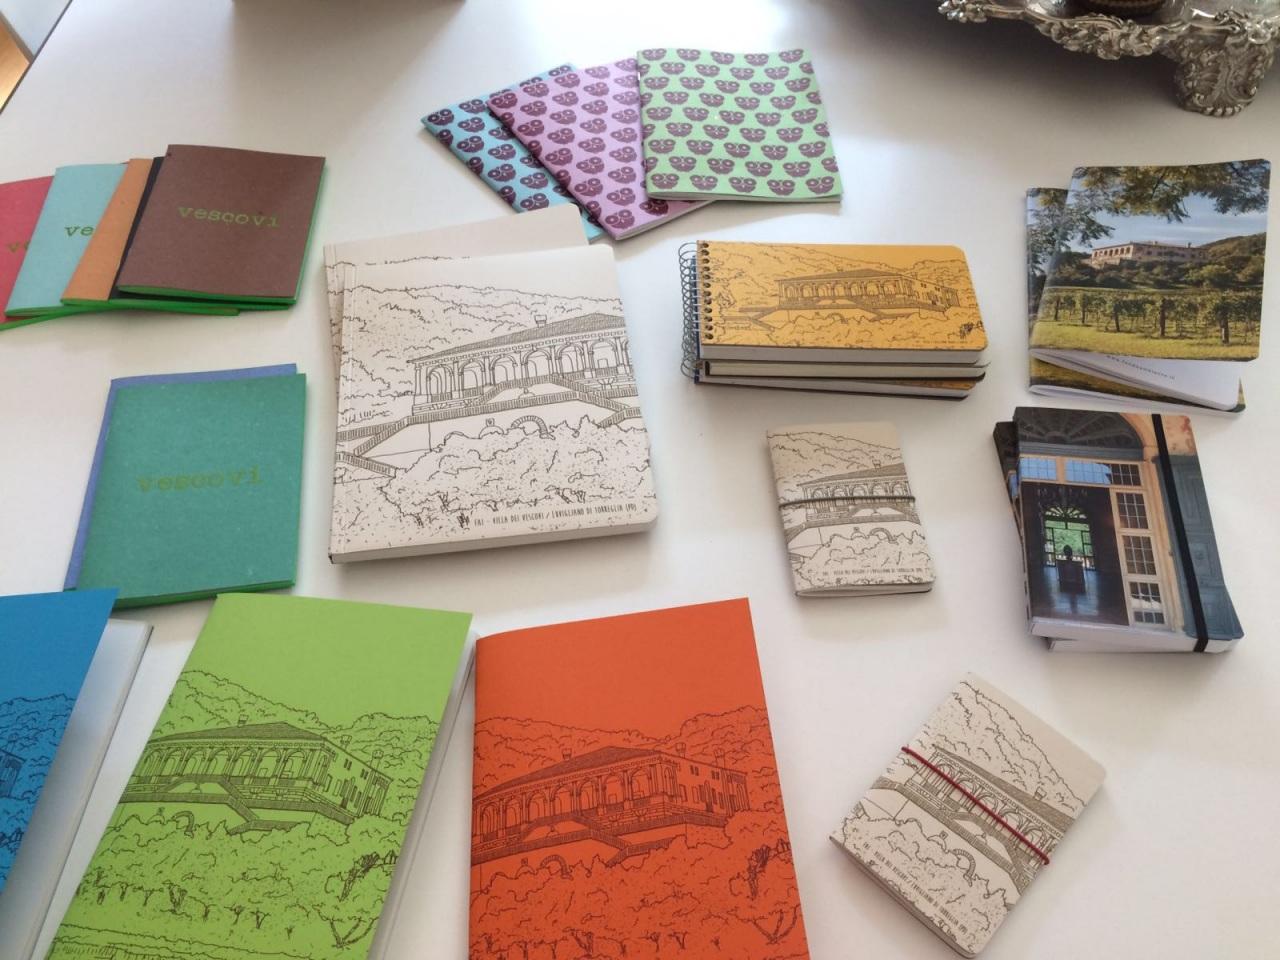 Il FAI promuove sostenibilità e cultura con la carta riciclata